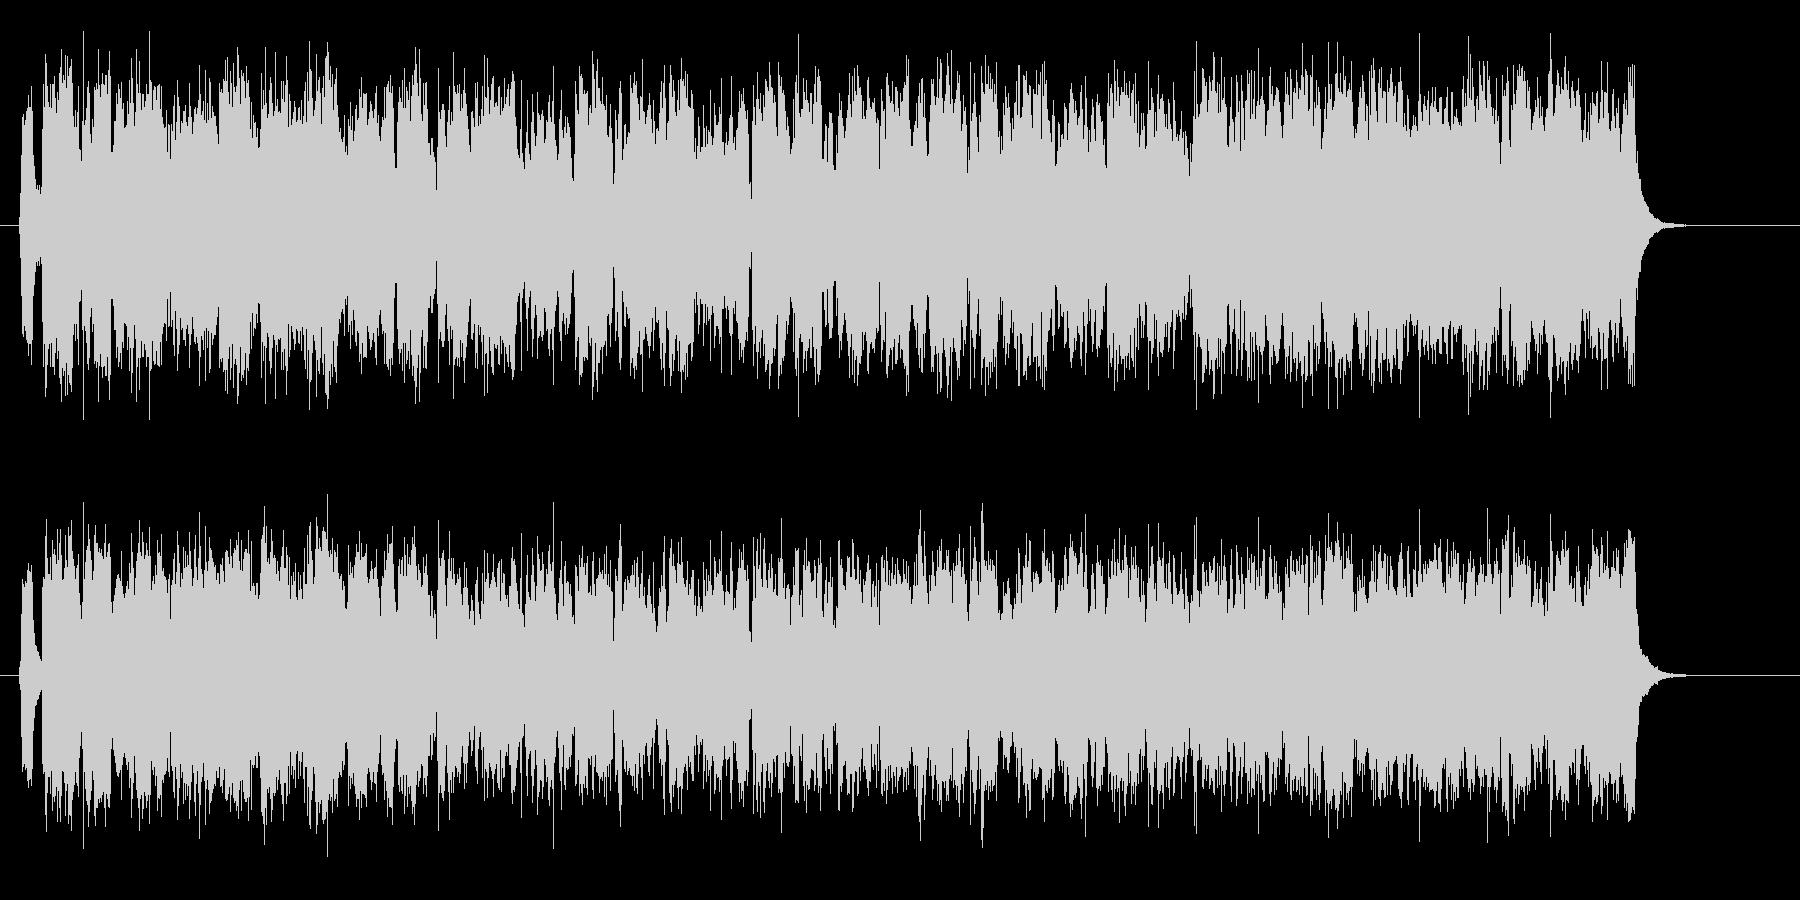 激しく疾走感のあるテクノ音楽の未再生の波形